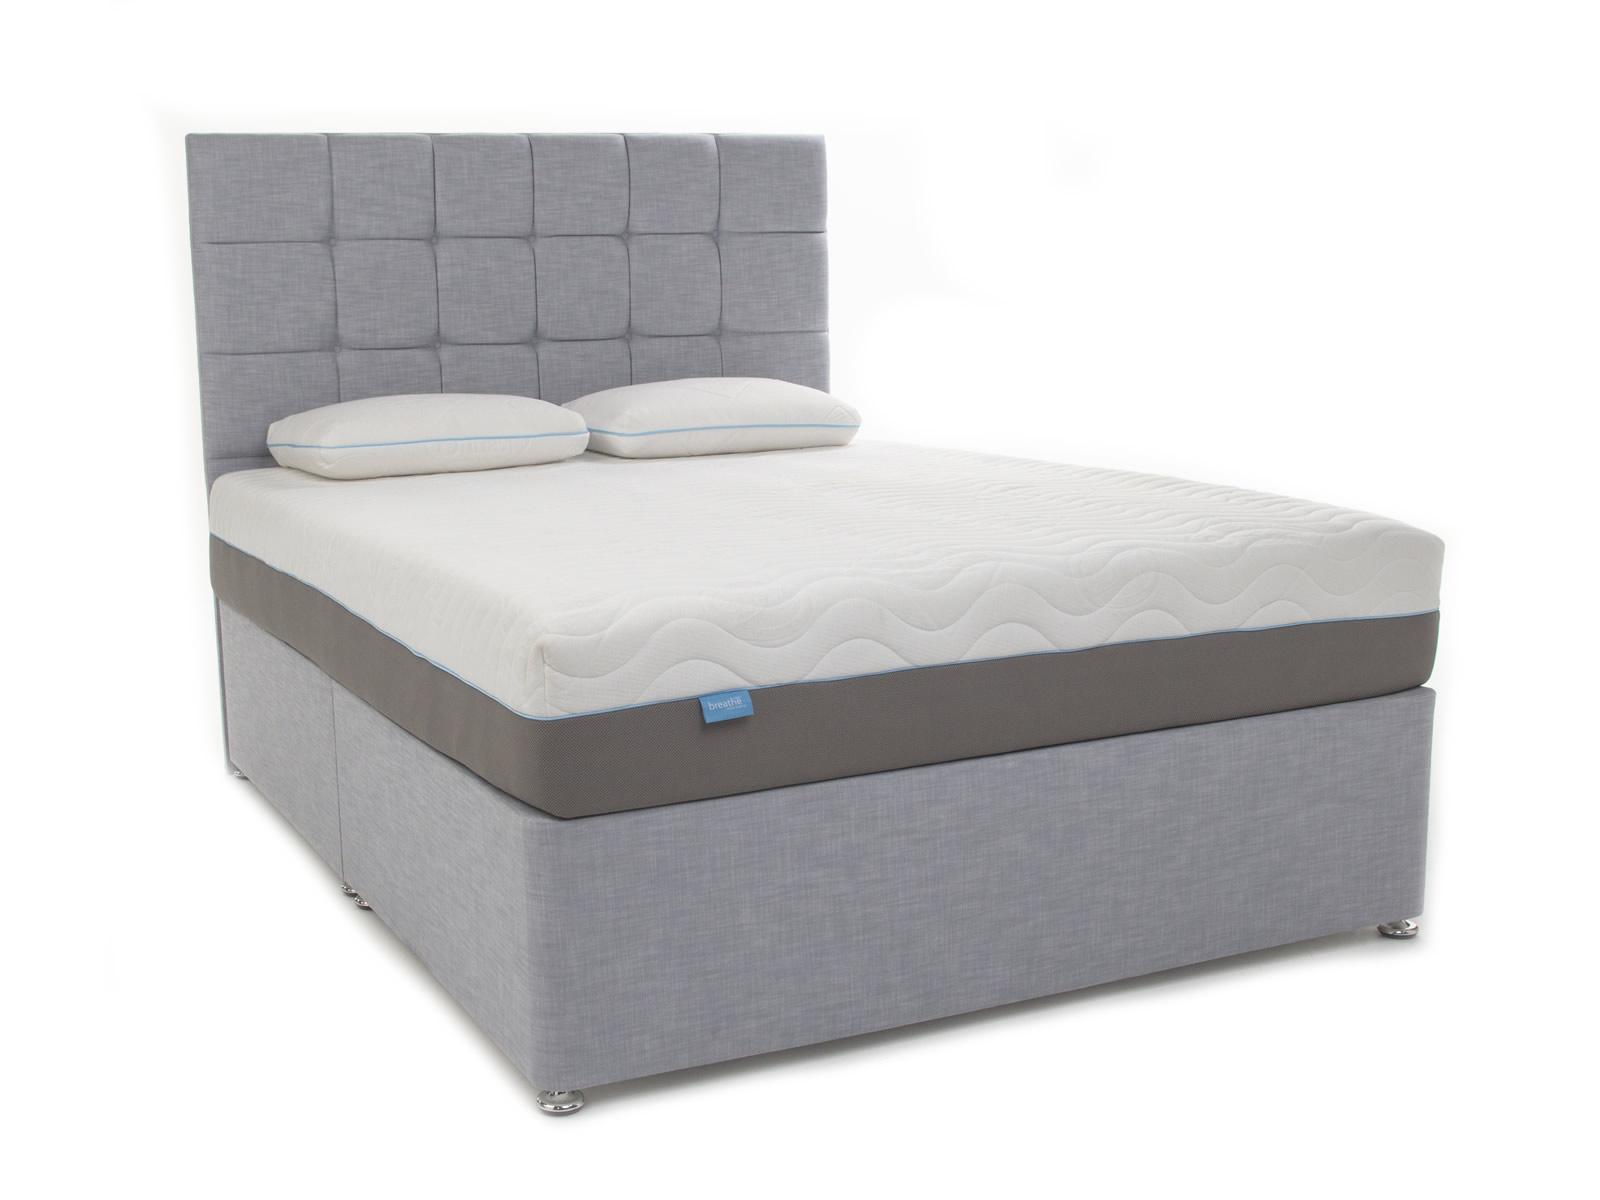 hellosleep-bed-grey